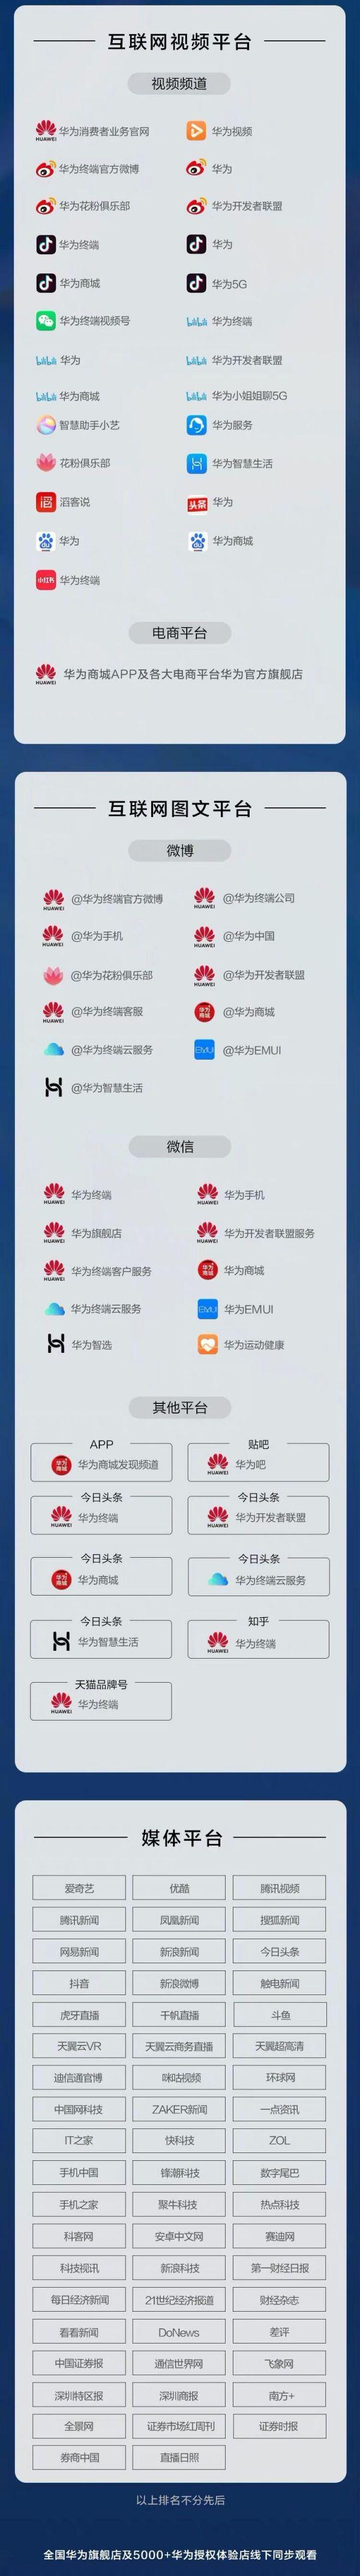 华为matex2发布会时间几点开始 (附直播平台)